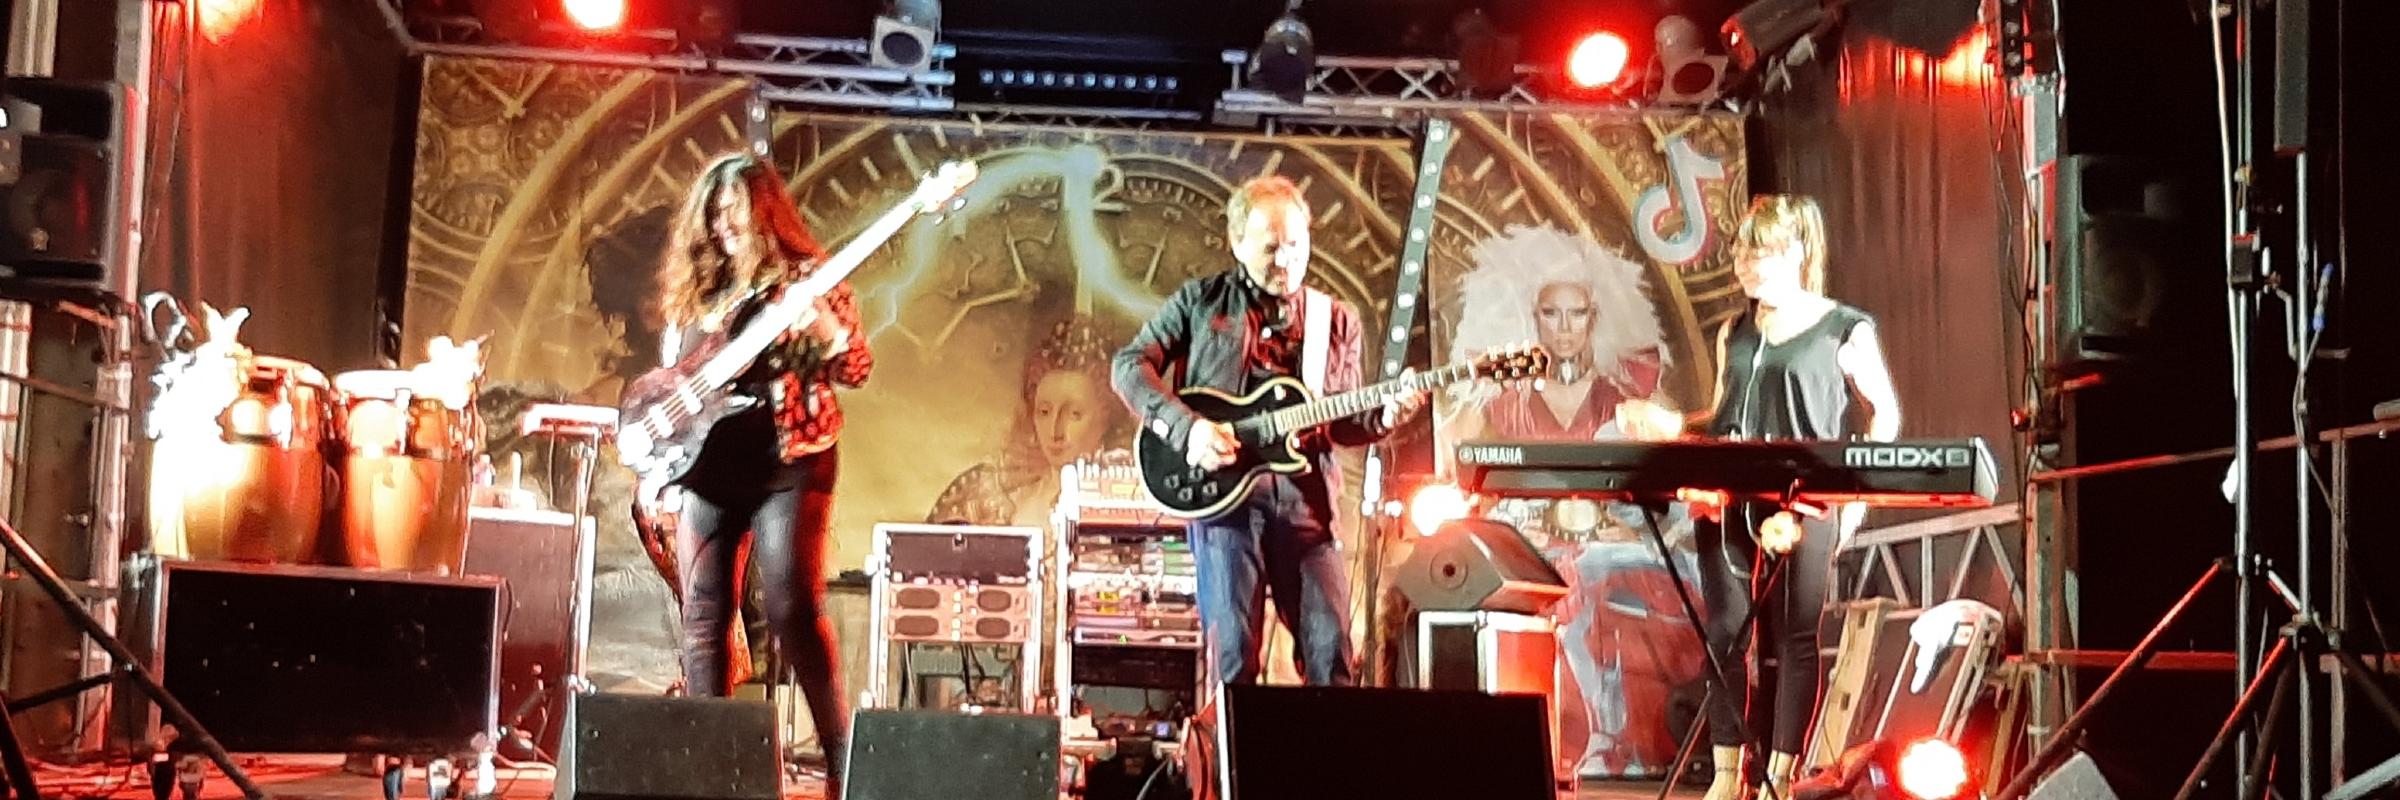 Lo Roch, groupe de musique Rock en représentation à Charente Maritime - photo de couverture n° 3